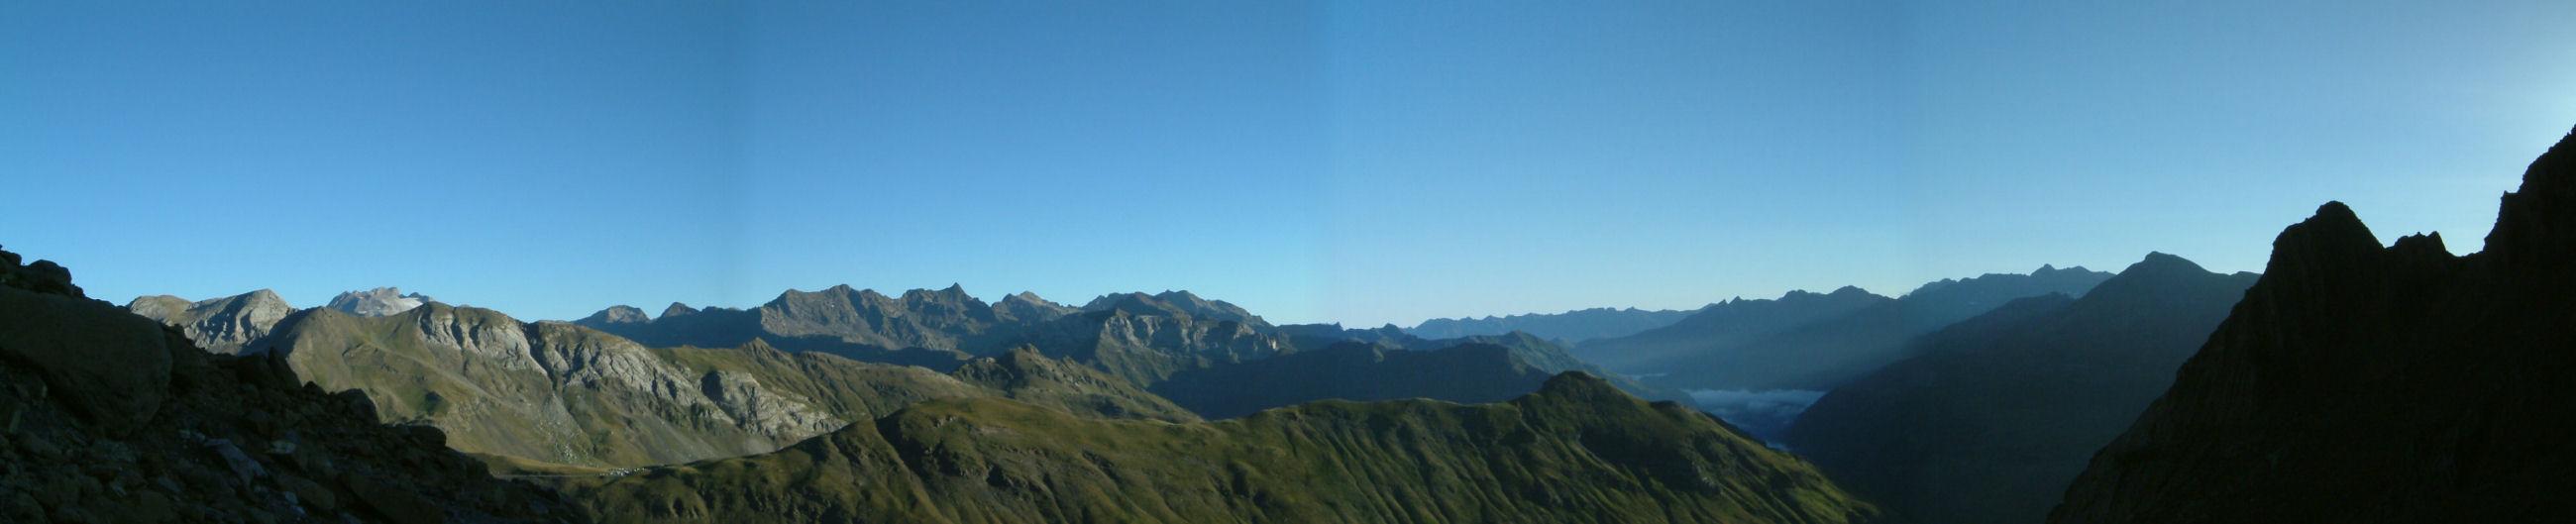 Panoramique vers la vallée de Gavarnie, le Vignemale et son glacier à gauche